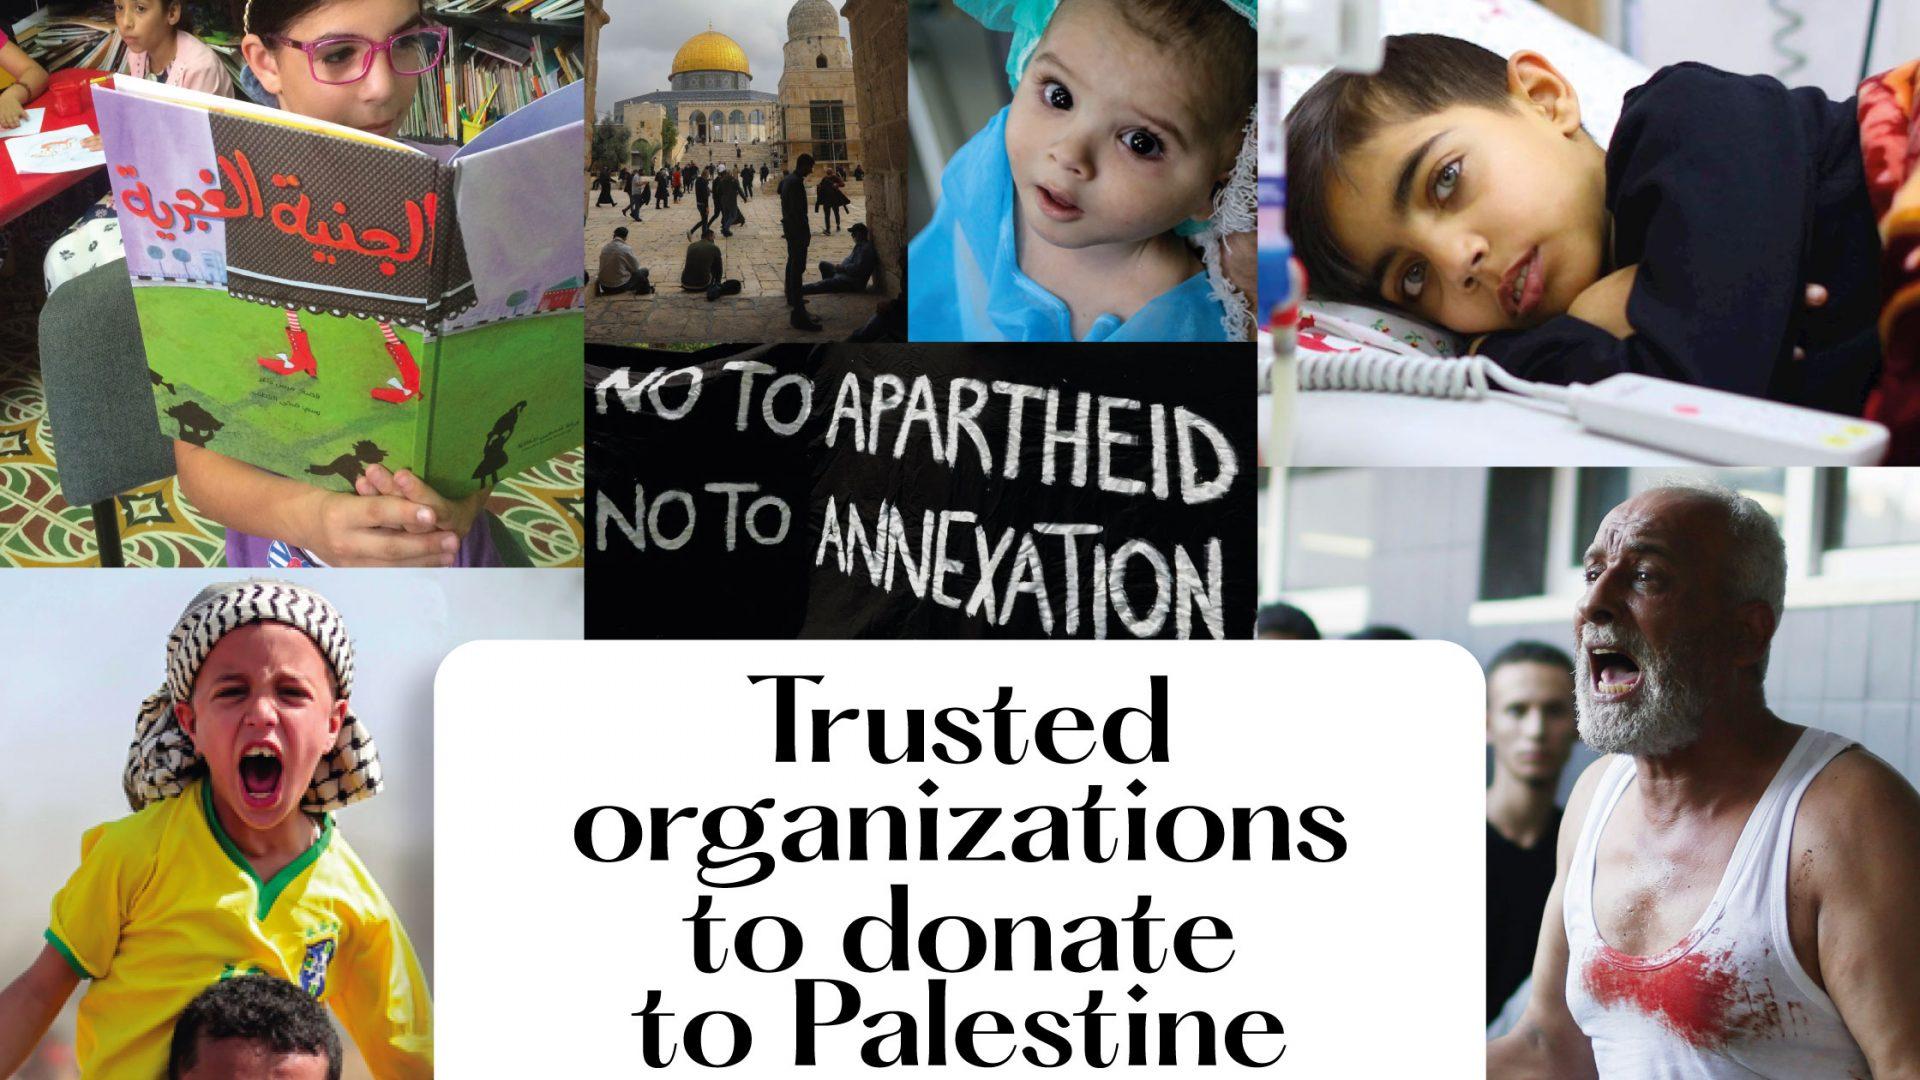 قائمة بحملات الإغاثة والمنظمات التي يمكنك التبرع لها لدعم فلسطين